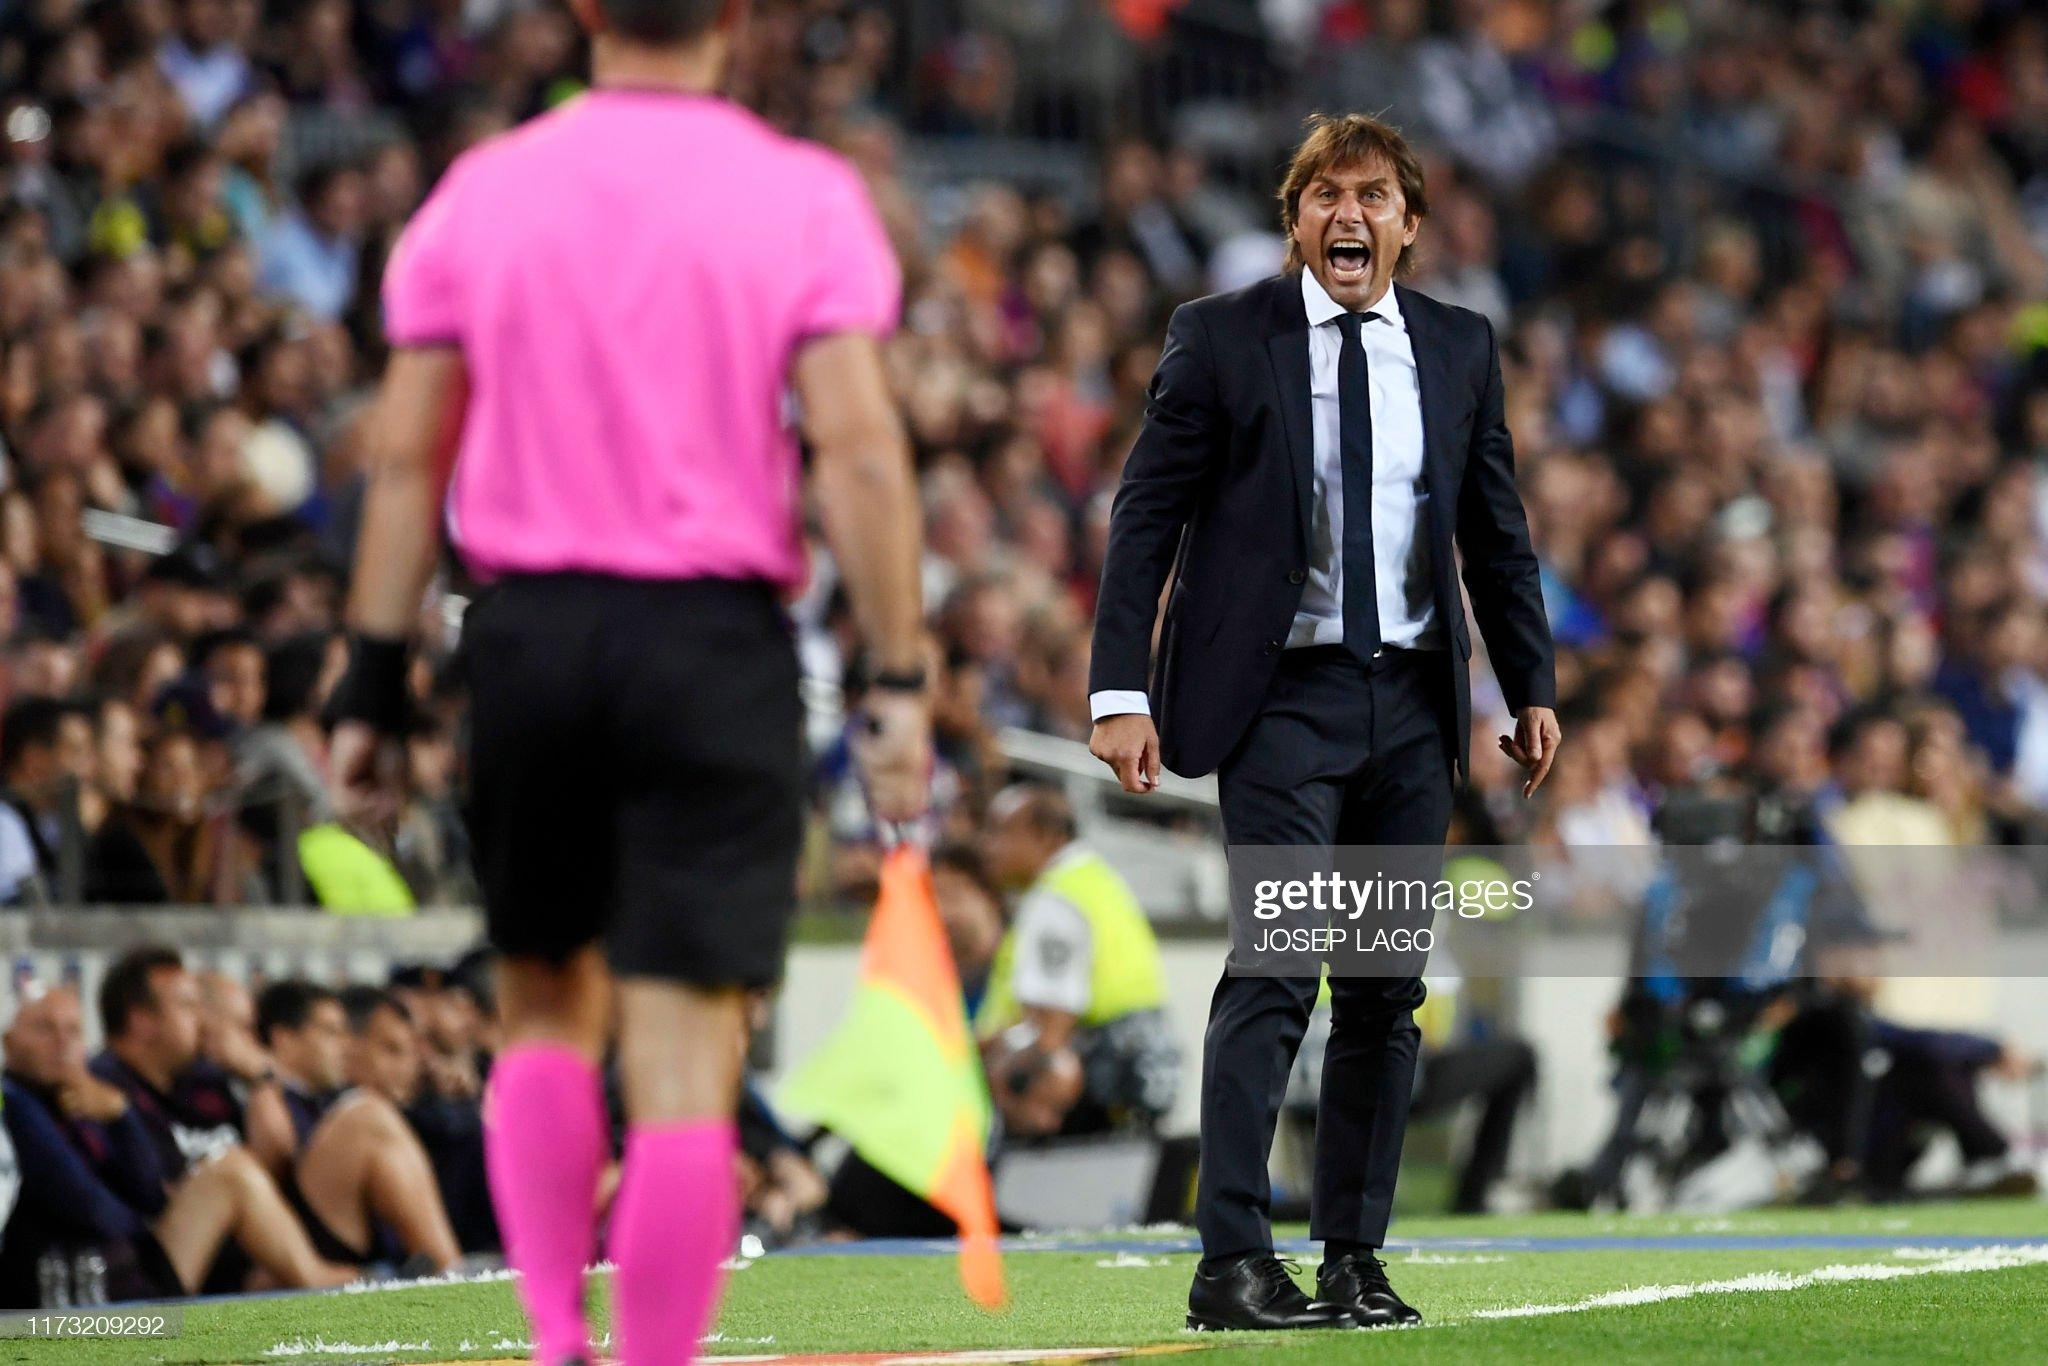 صور مباراة : برشلونة - إنتر 2-1 ( 02-10-2019 )  Inter-milans-italian-coach-antonio-conte-protests-to-a-referee-during-picture-id1173209292?s=2048x2048